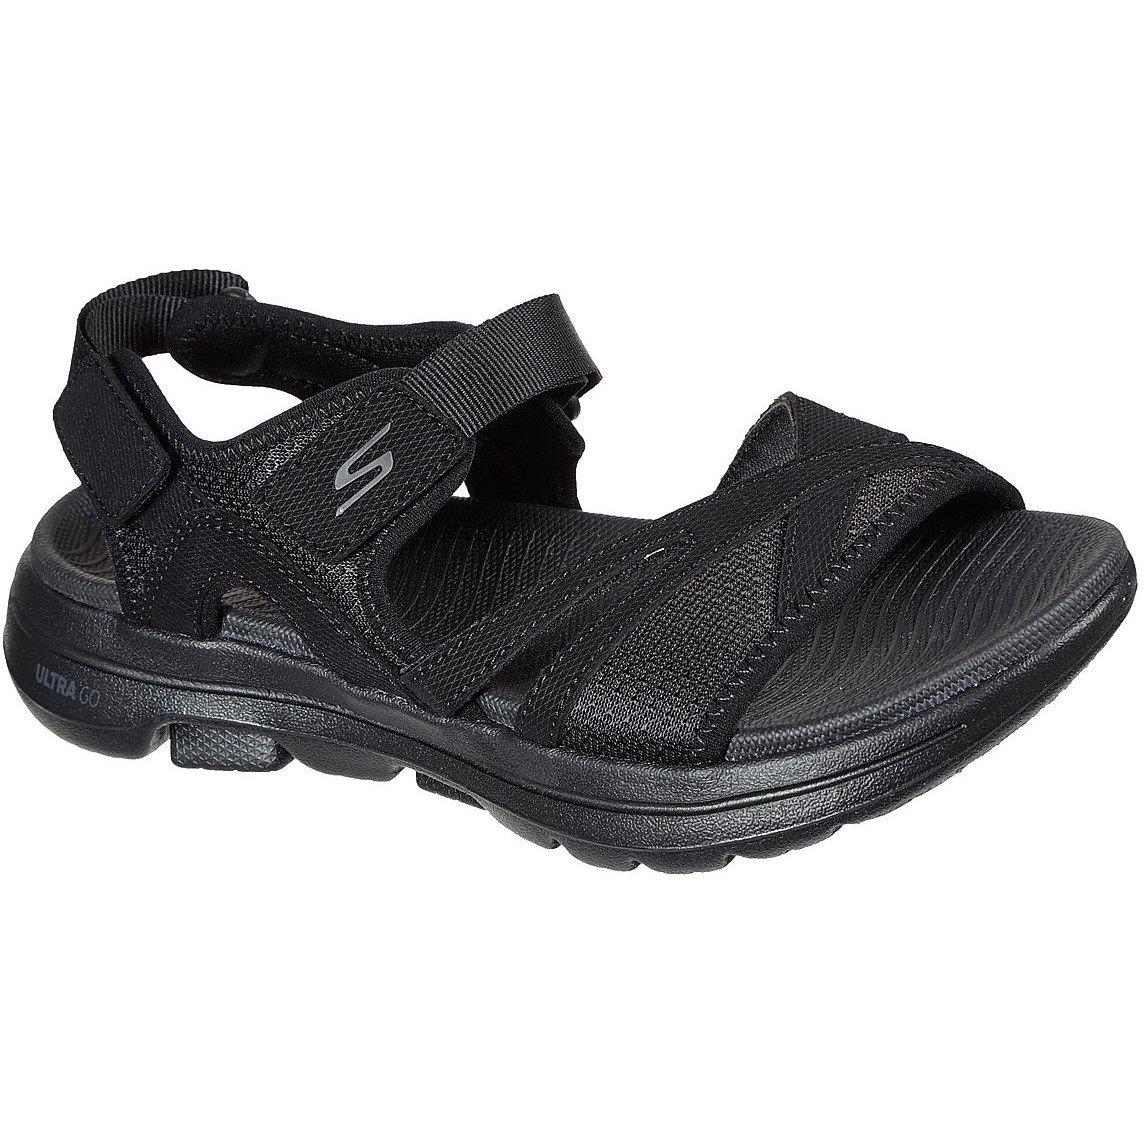 Skechers Women's Go Walk 5 Restored Summer Sandal Black 32155 - Black 4